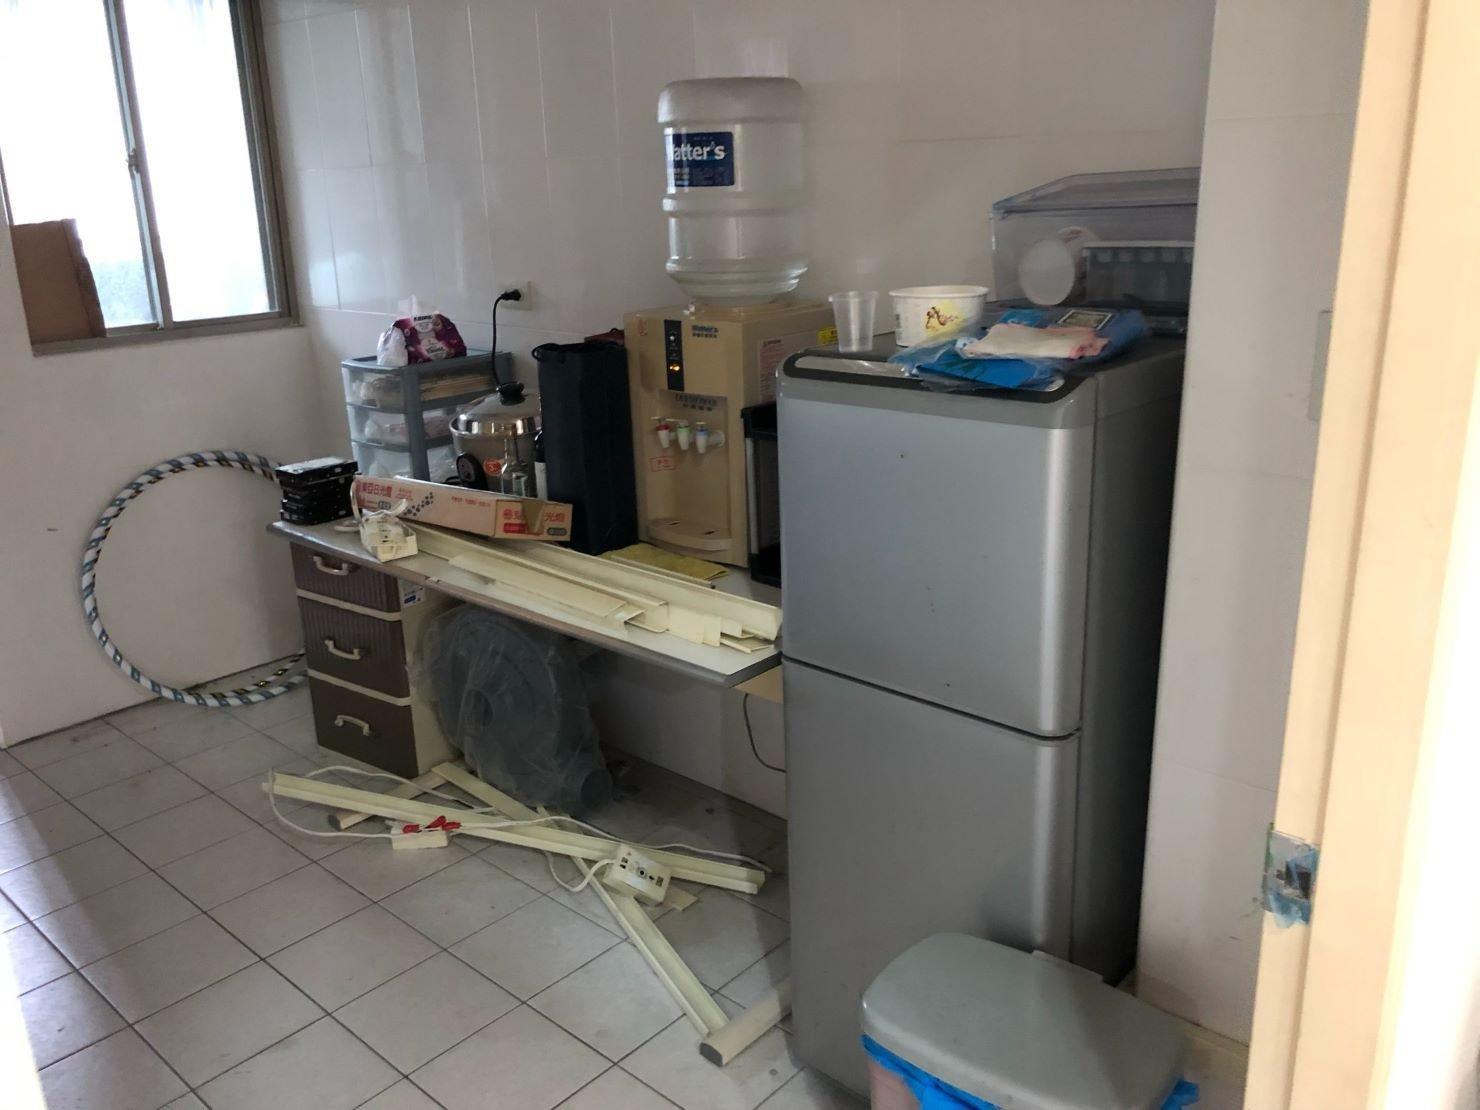 台北搬家公司【榮福搬家】搬家給您最優質、最安全的搬遷服務:清潔整理廚房內雜物打包及冰箱內食材、飲水機等。